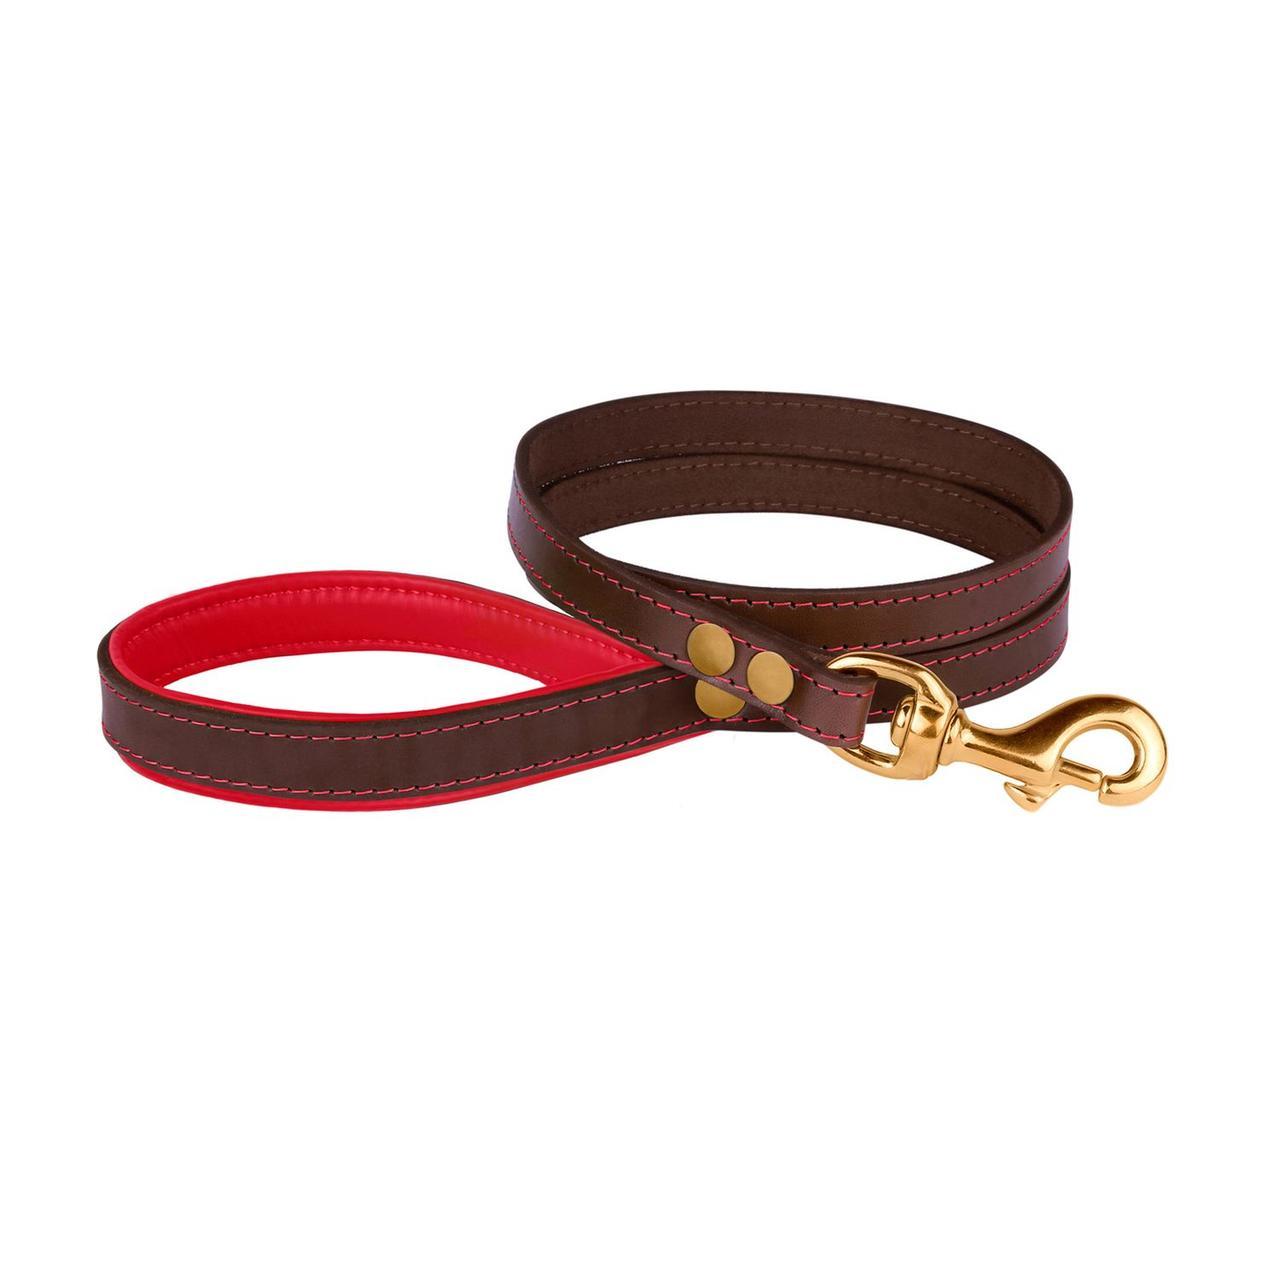 Поводок для Собак Кожаный BronzeDog Premium с Литой Латунной Фурнитурой Коричнево-Красный L